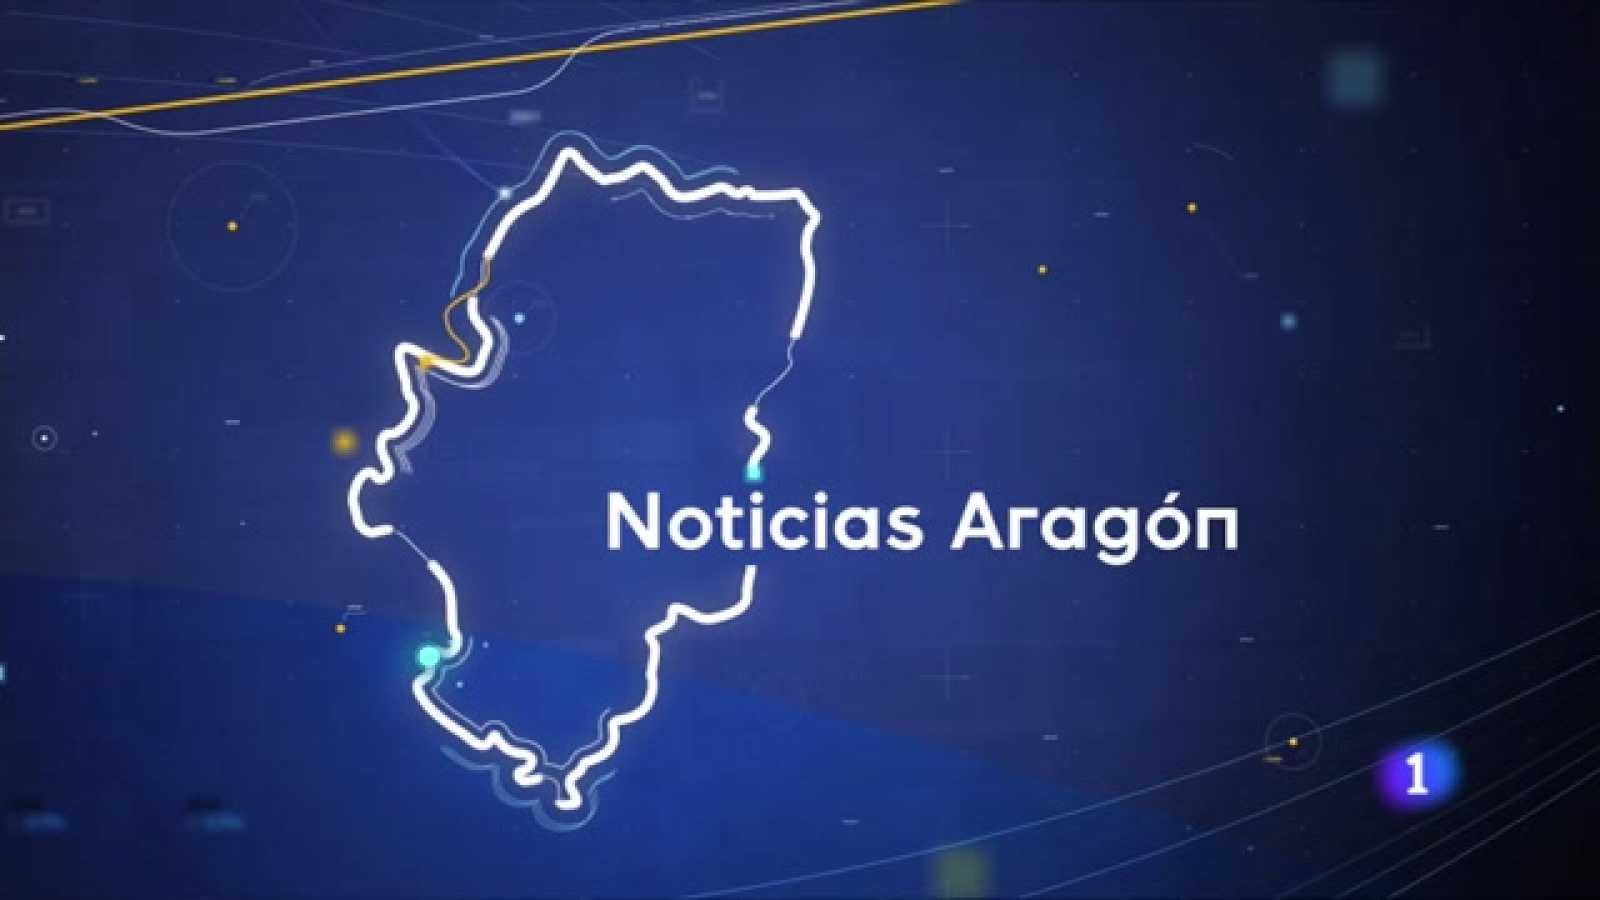 Aragón en 2 - 30/04/21 - Ver ahora